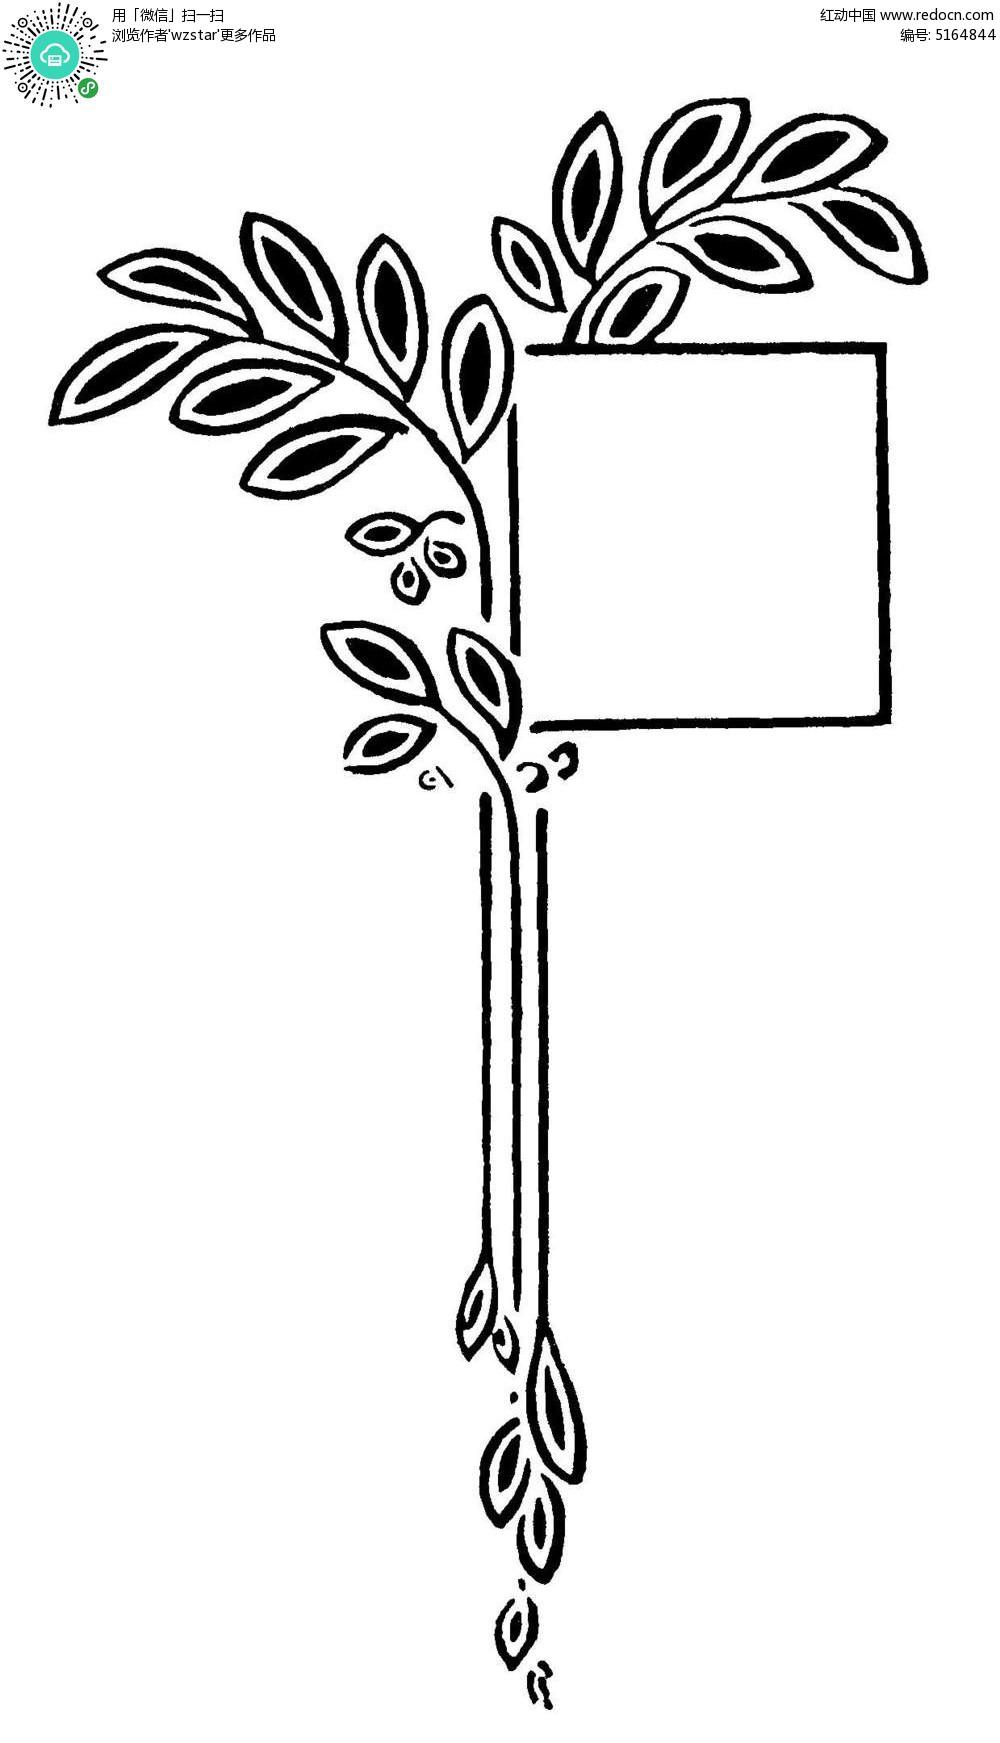 创意树叶方形边框设计EPS素材免费下载 编号5164844 红动网